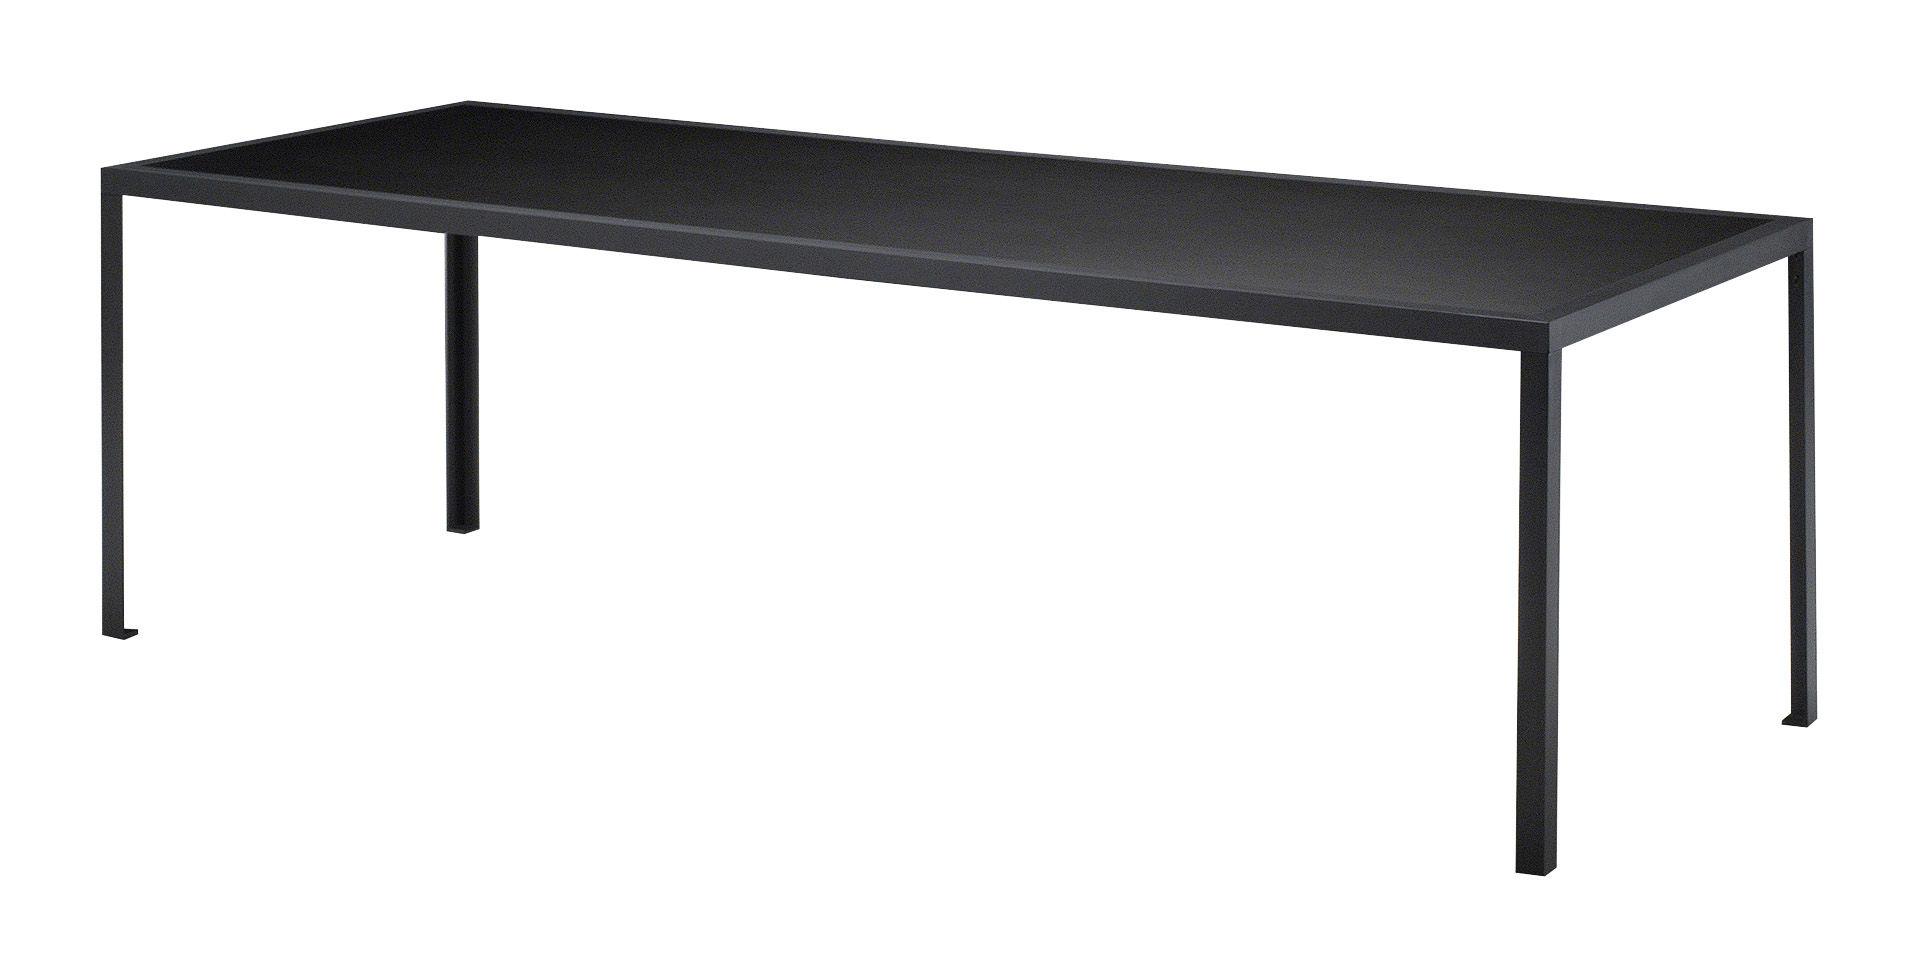 Arredamento - Tavoli - Tavolo rettangolare Tavolo - rettangolare - L 240 cm di Zeus - Nero - Acciaio verniciato, Linoleum